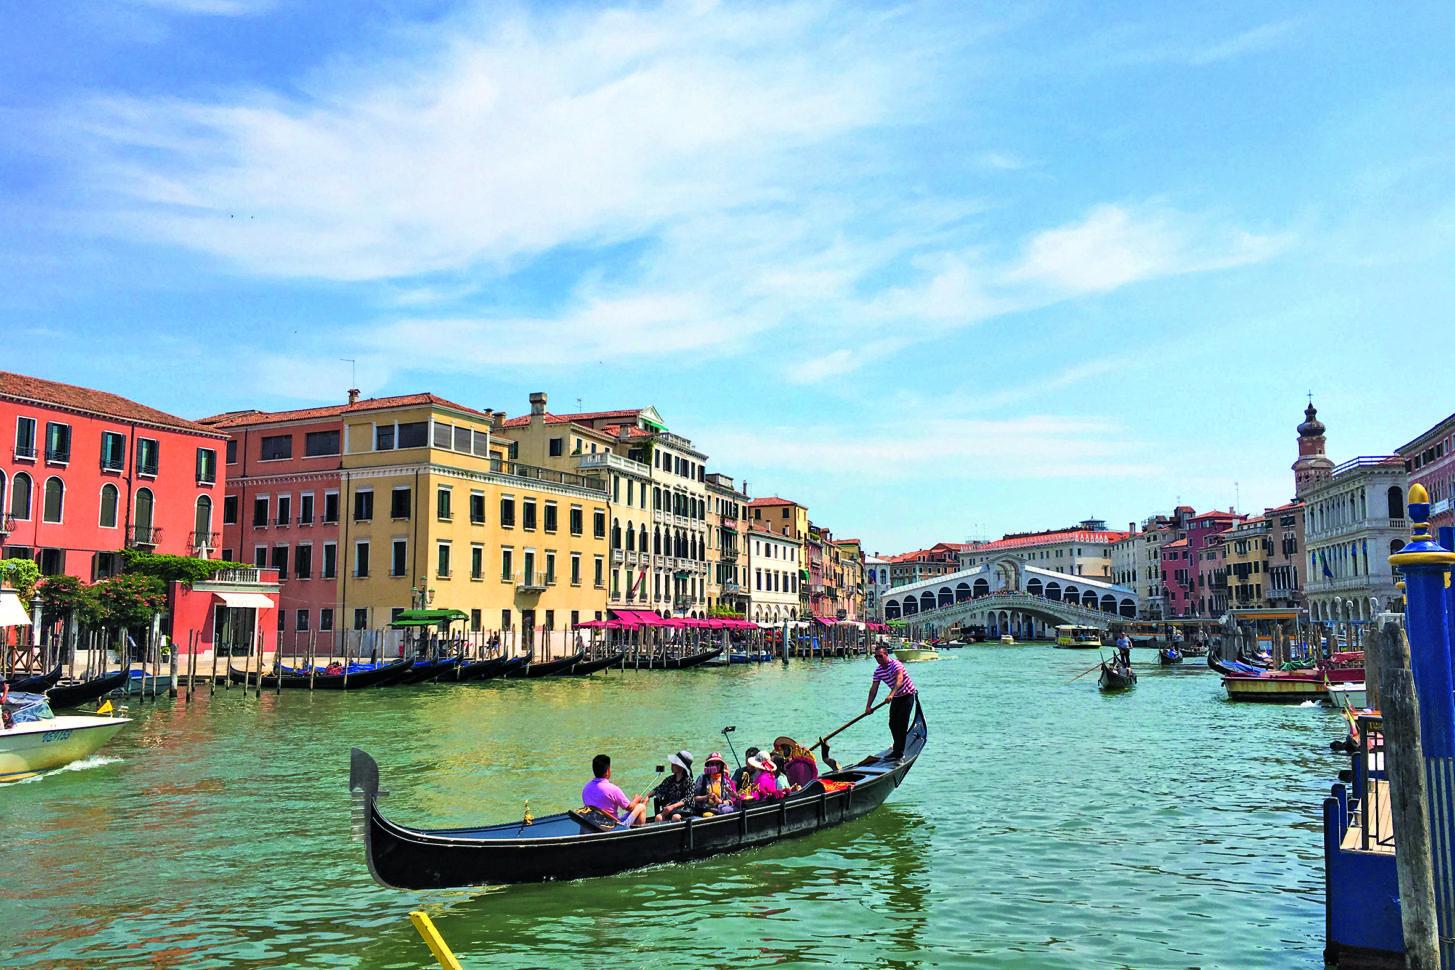 Venedig ist der erste Stopp unserer Reise rund um Italien